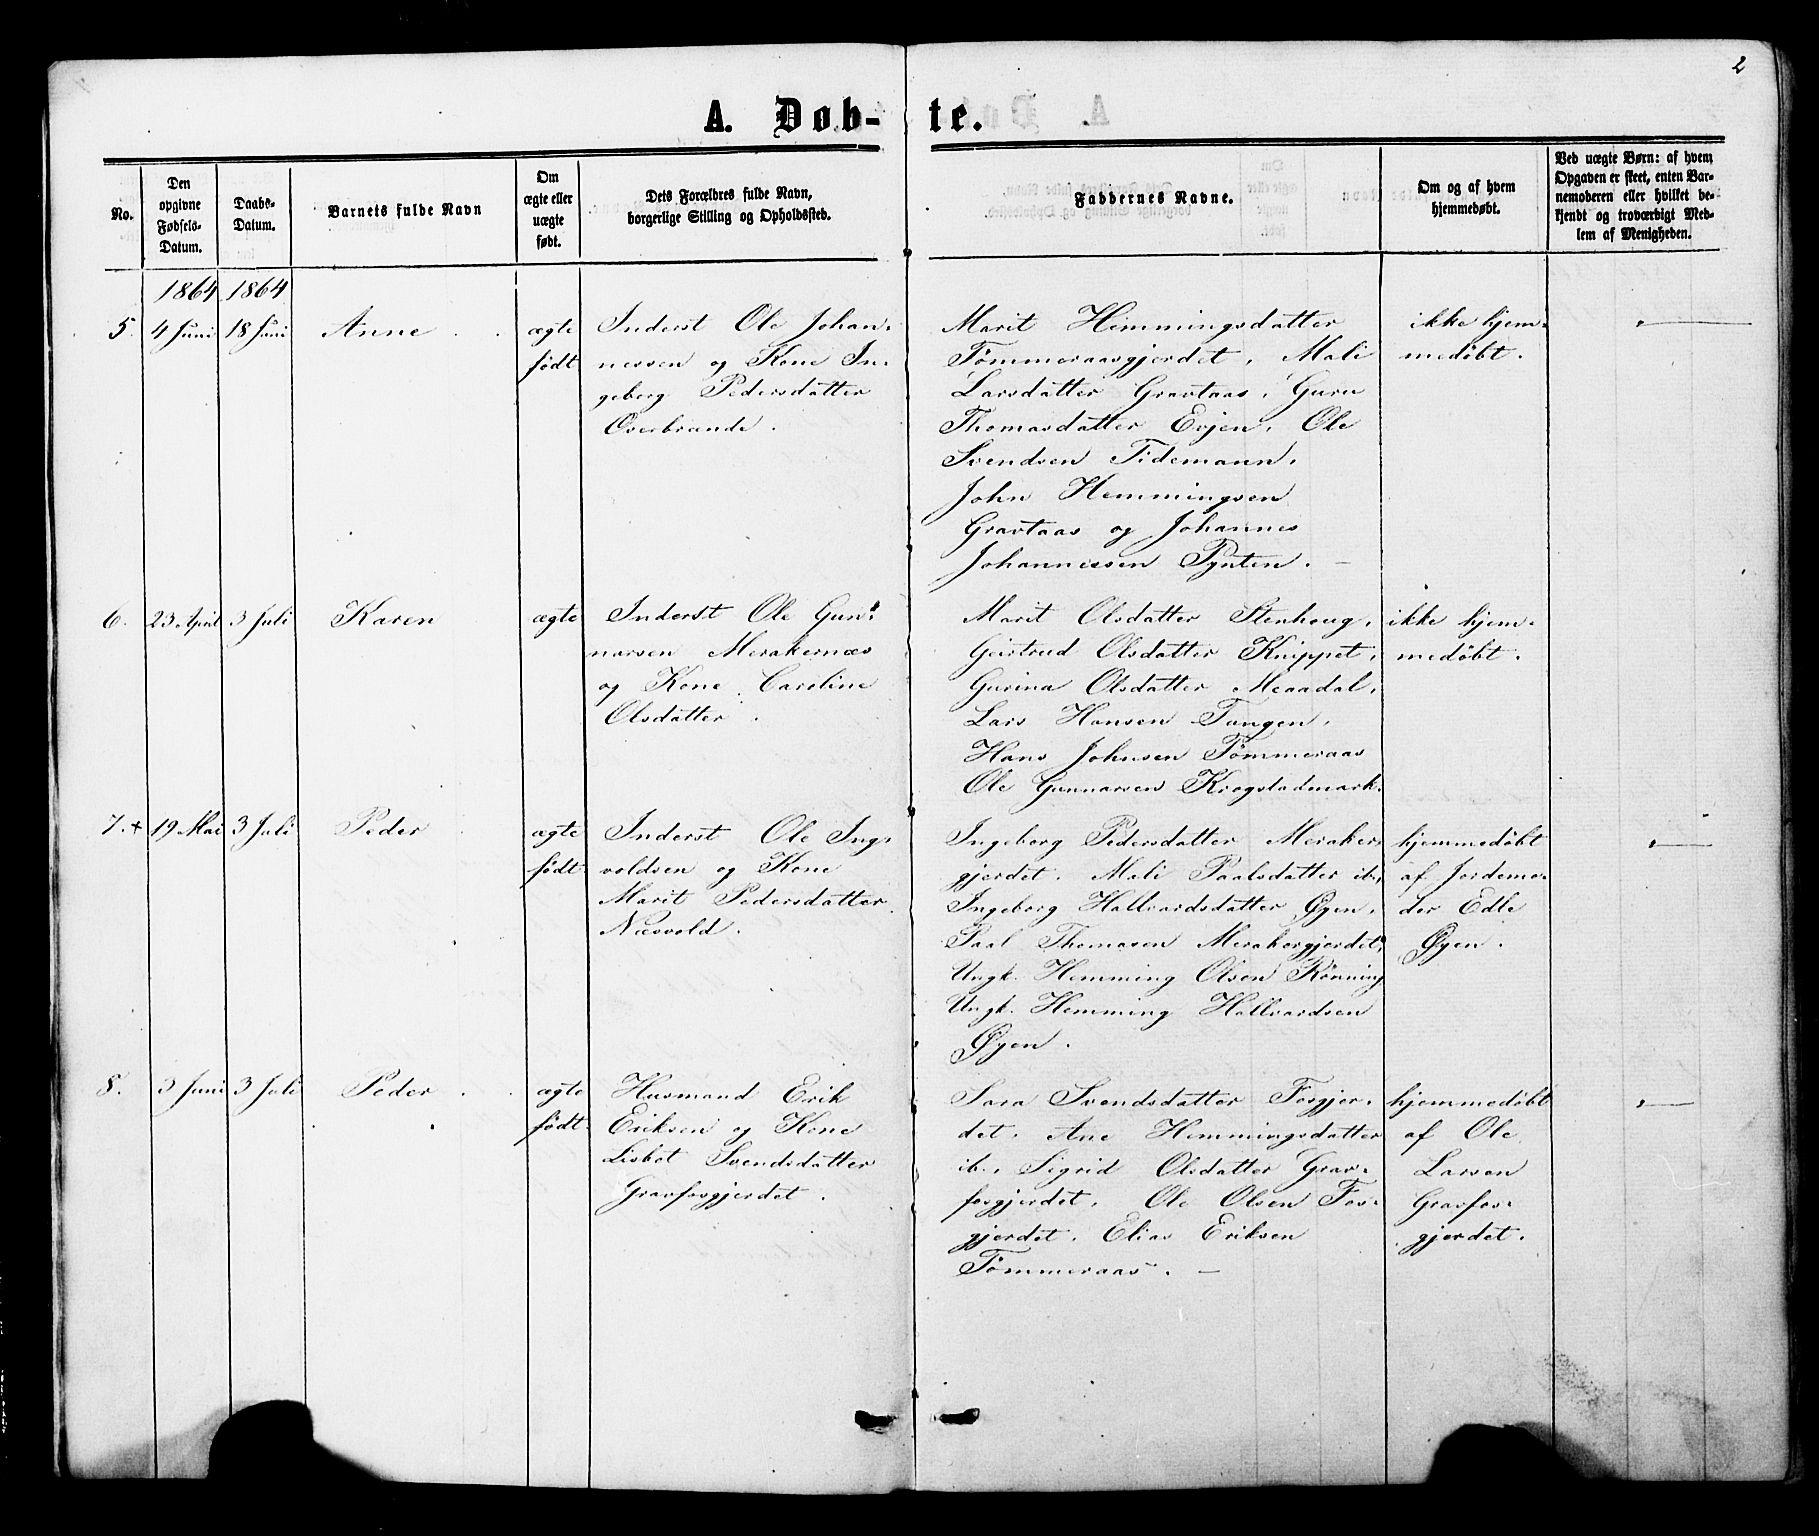 SAT, Ministerialprotokoller, klokkerbøker og fødselsregistre - Nord-Trøndelag, 706/L0049: Parish register (copy) no. 706C01, 1864-1895, p. 2